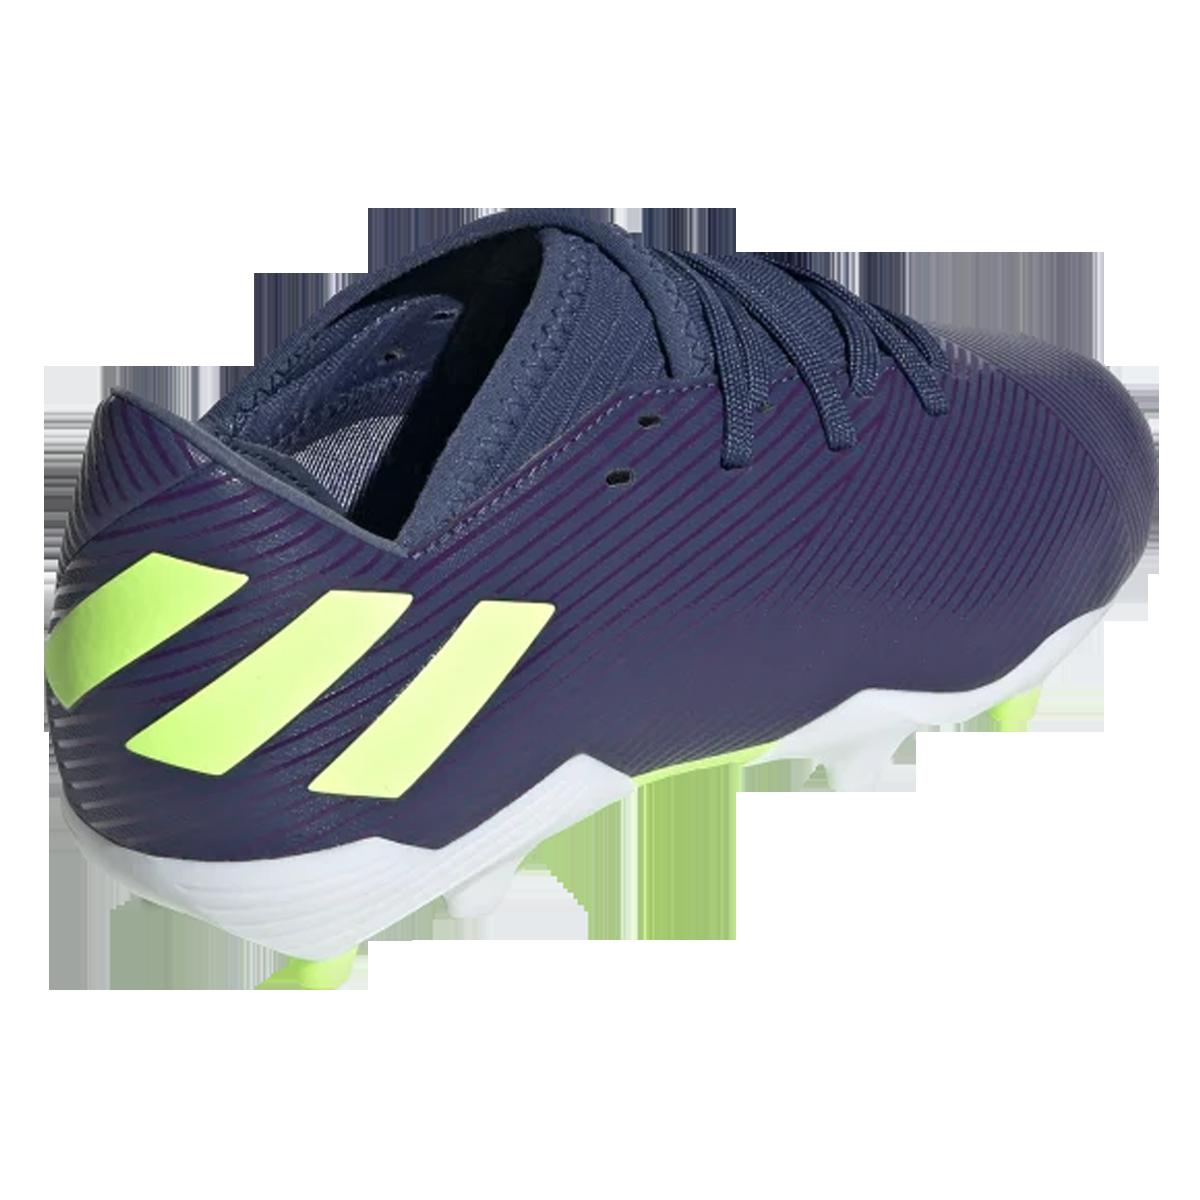 adidas Kinder Fußballschuh Nemeziz Messi 19.3 FG J dunkelblaugrün fluo